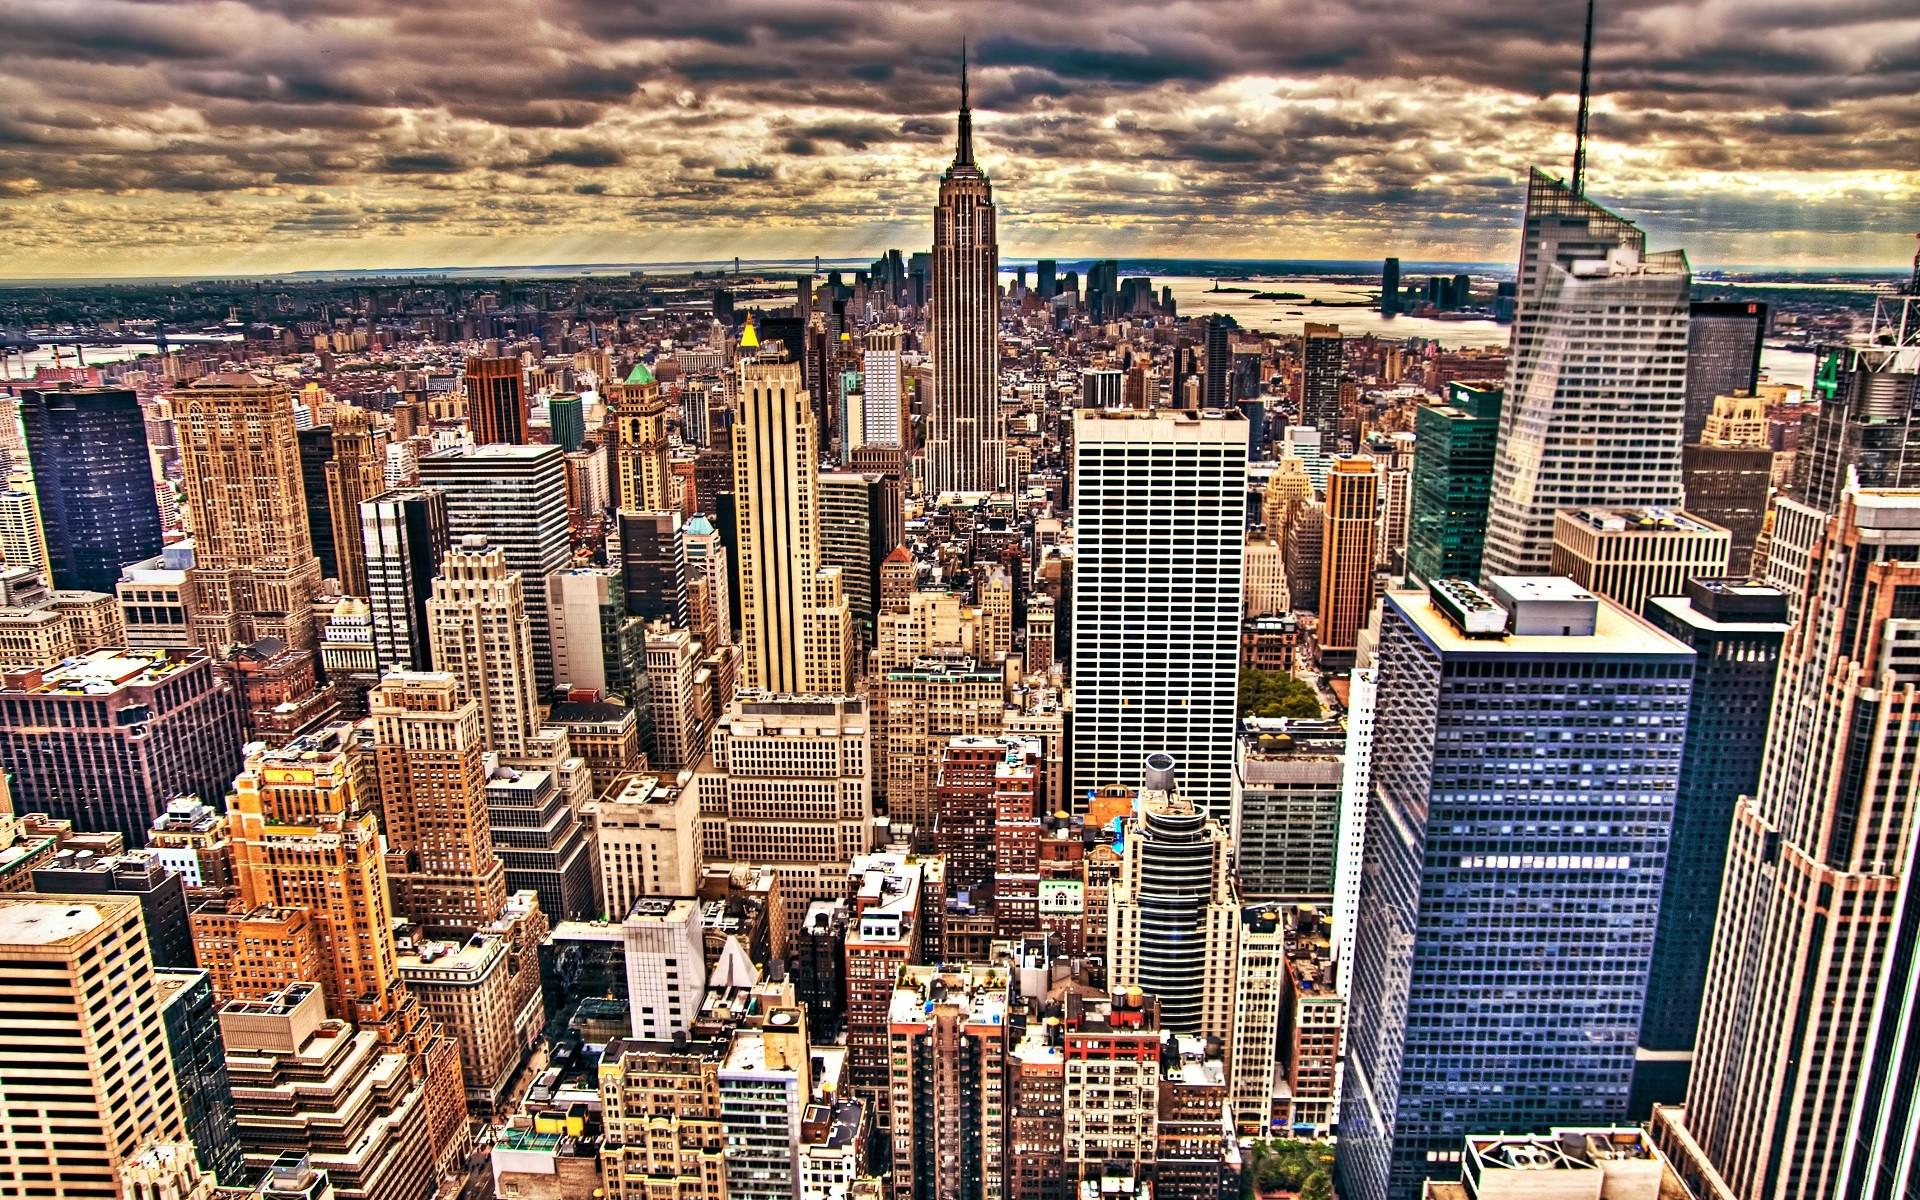 Trs novos hotis em Nova York   Flavia Pires Explora 1920x1200